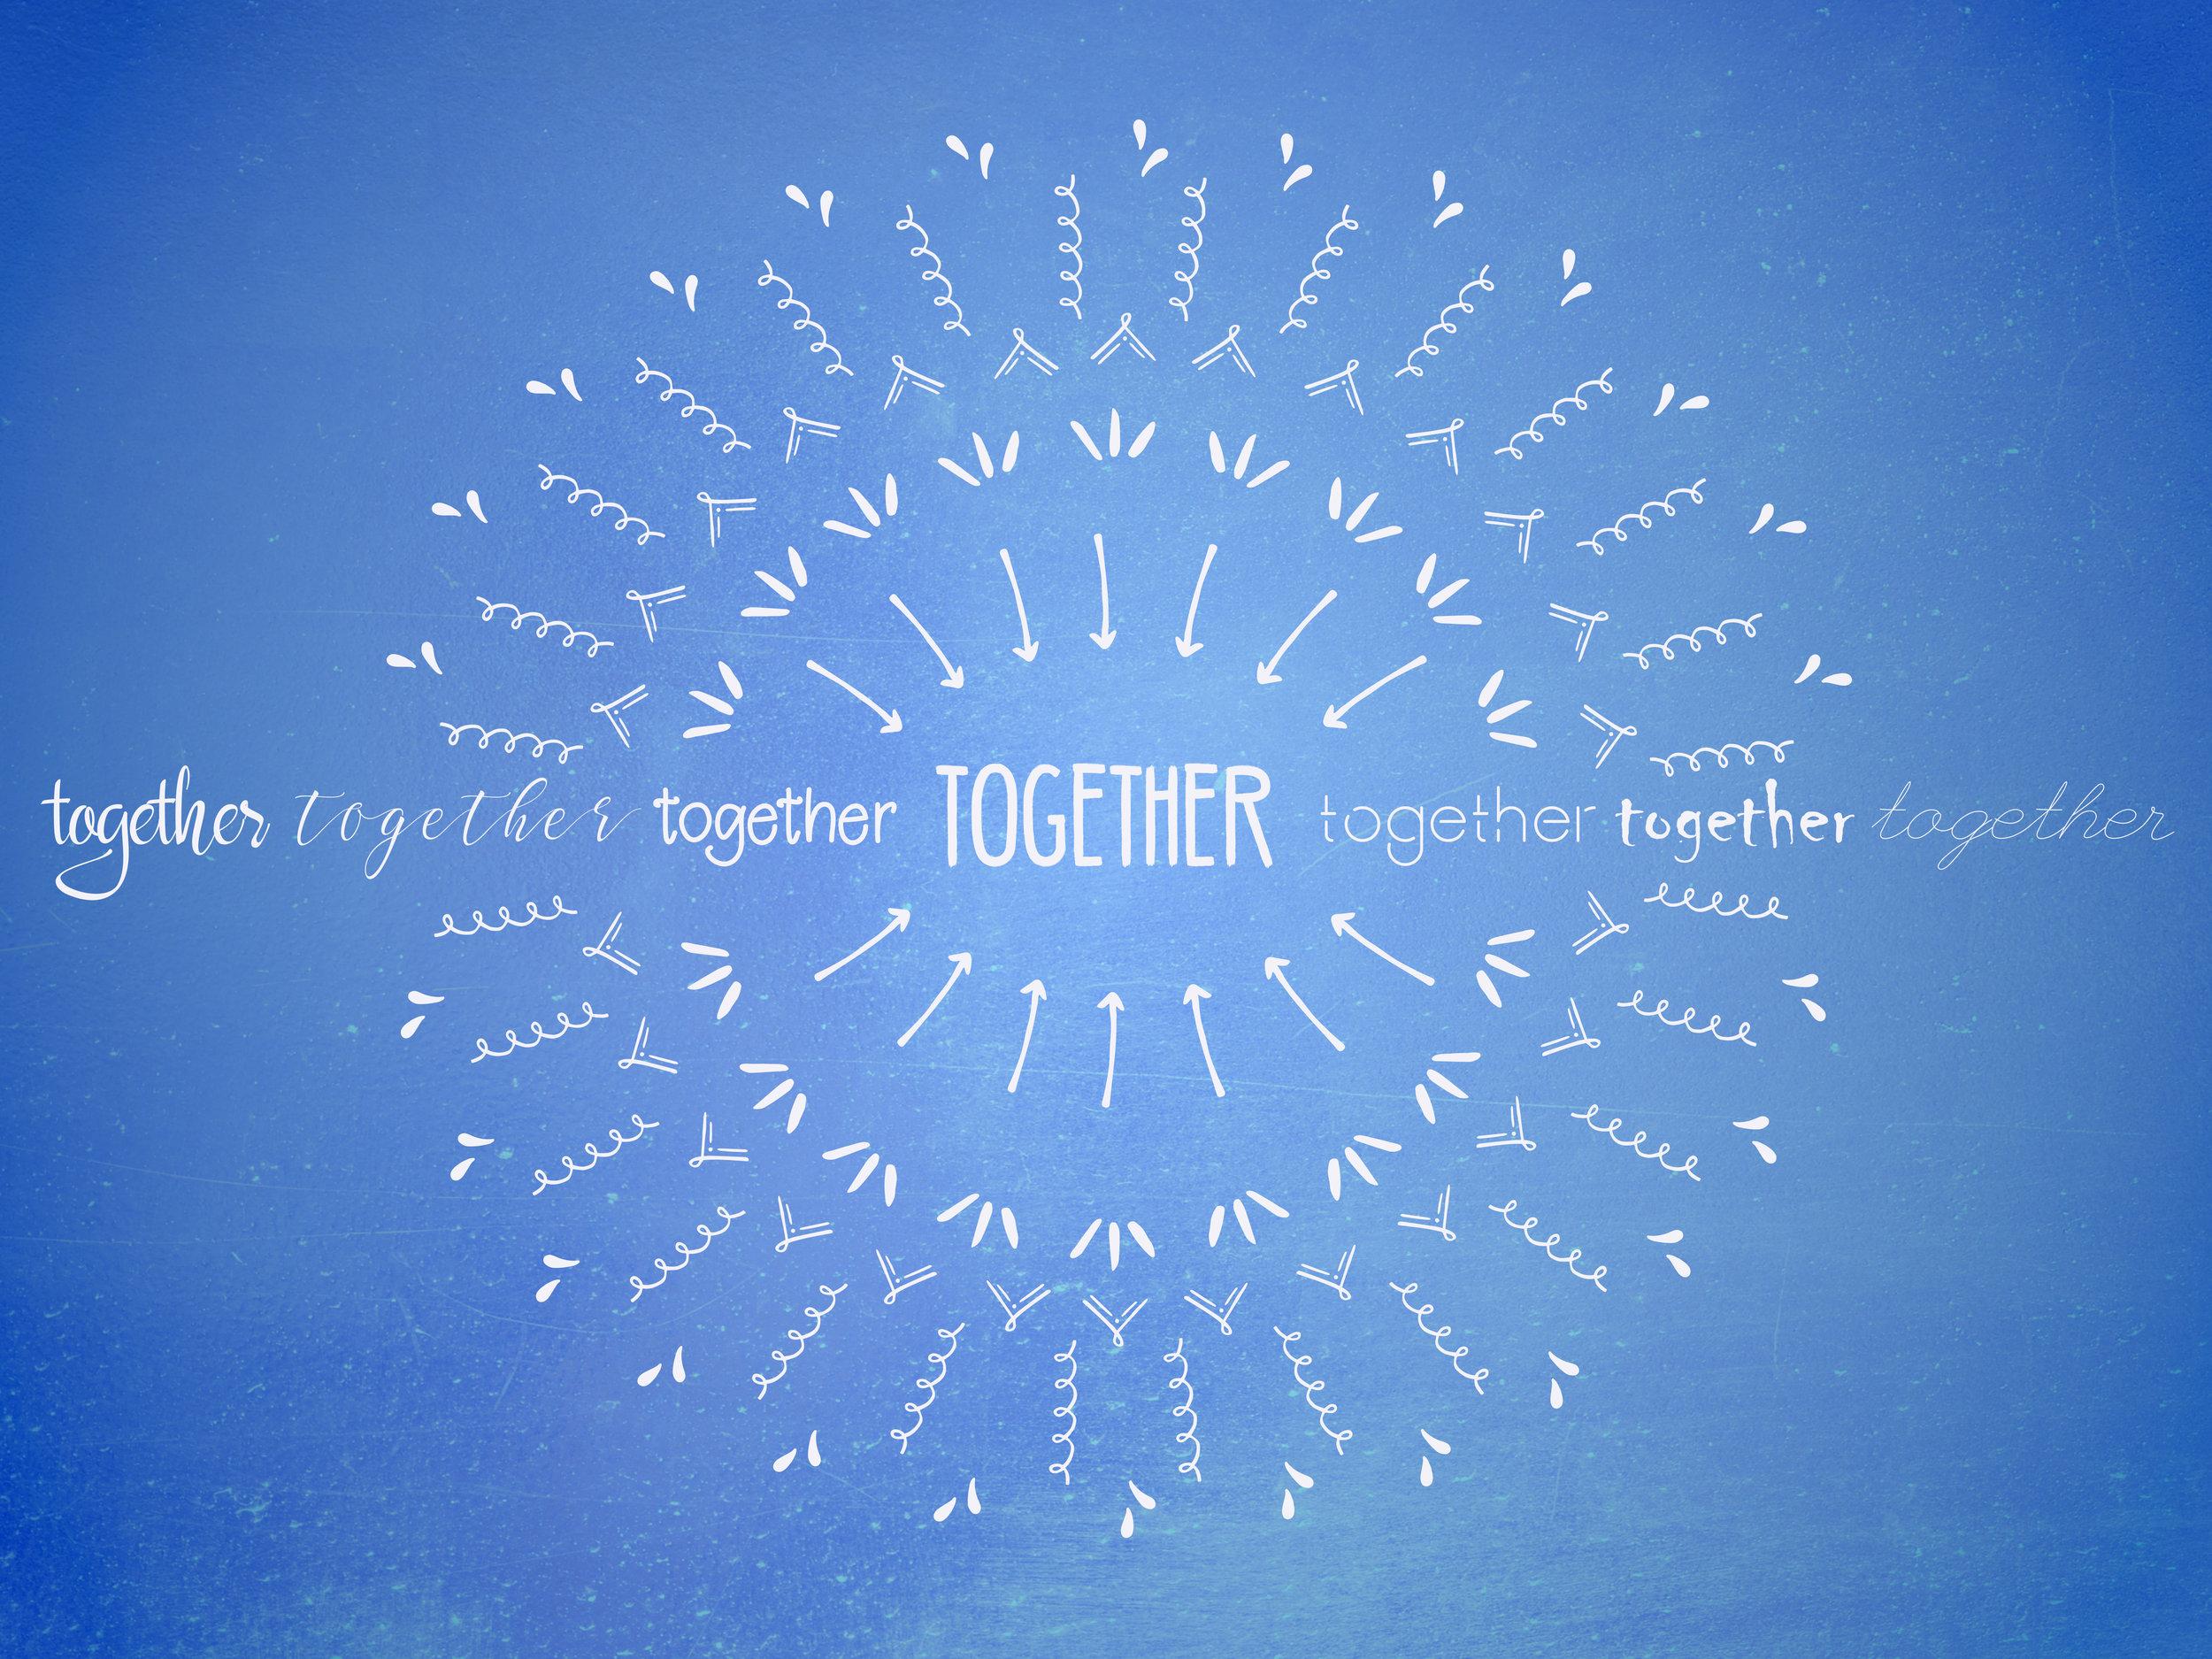 Together ppt title.jpg